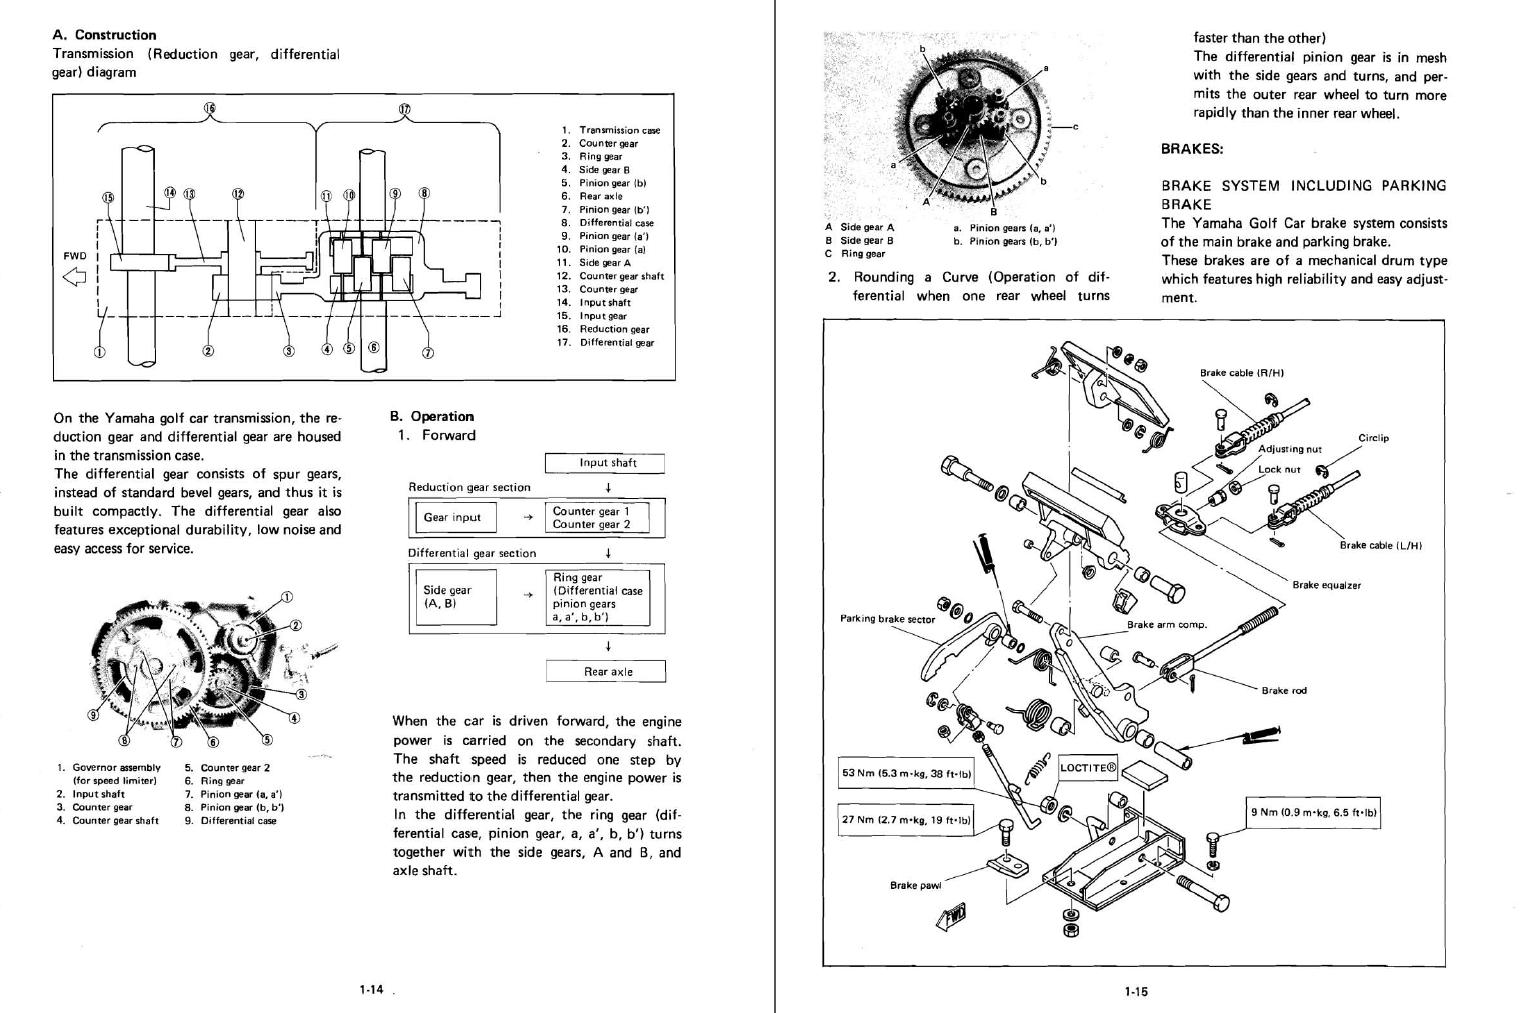 Yamaha G1 Golf Car Service Manual Lit 03